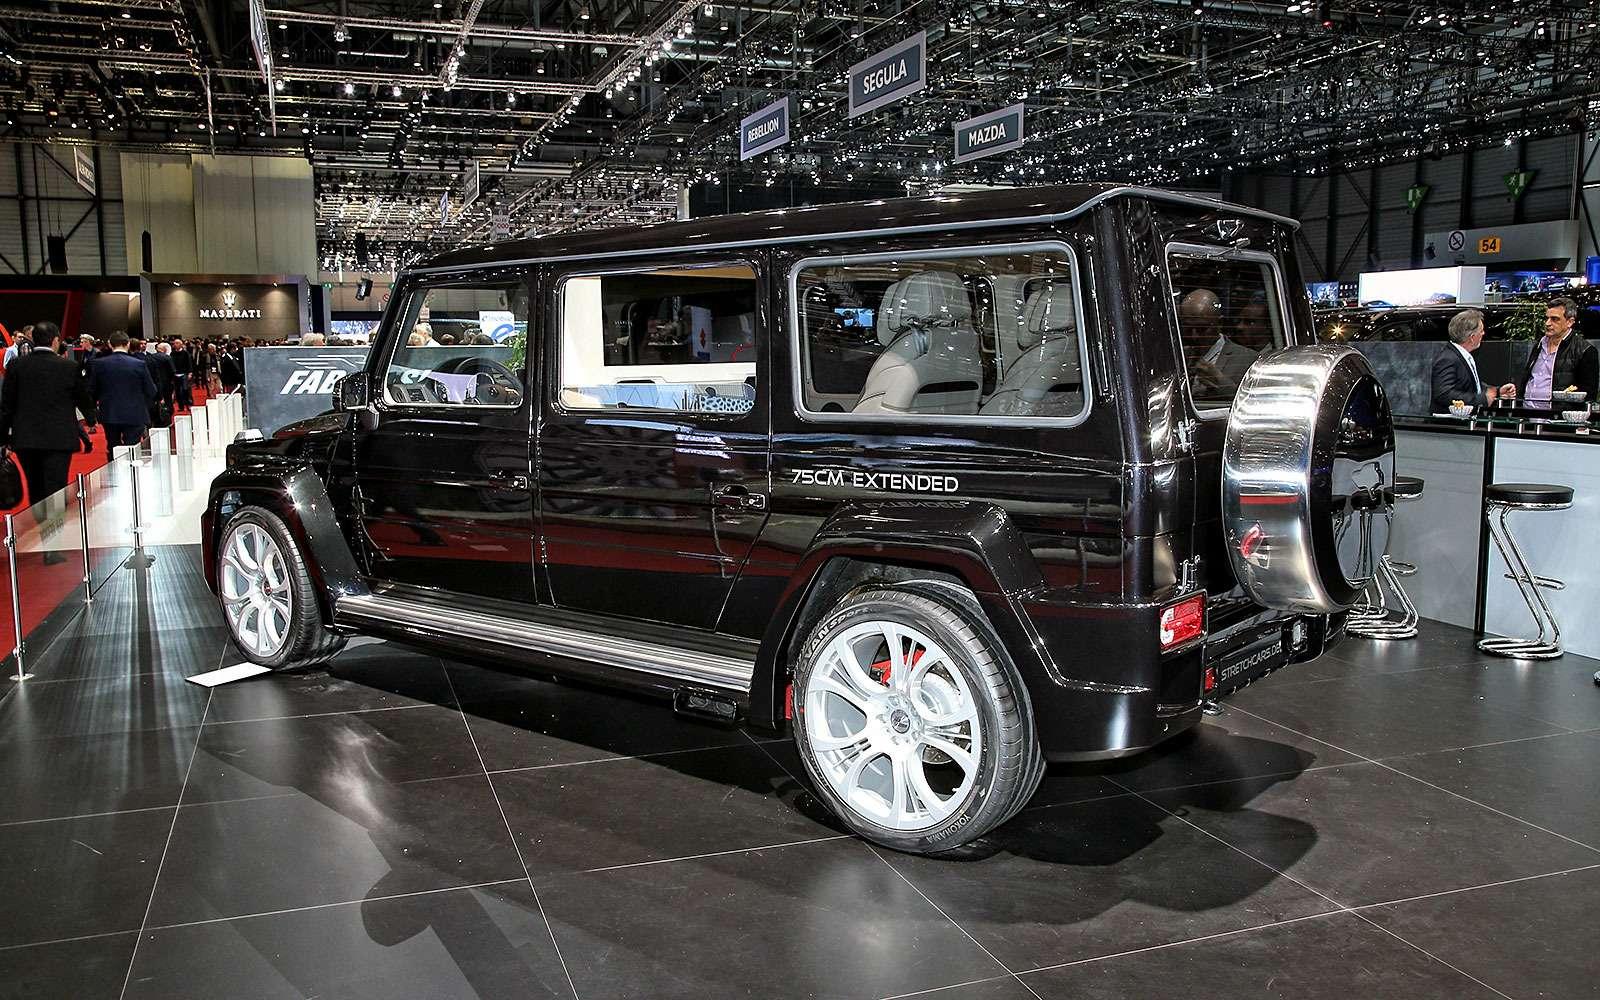 Удлиненный Mercedes-Benz G-Class откомпании Stretchcars